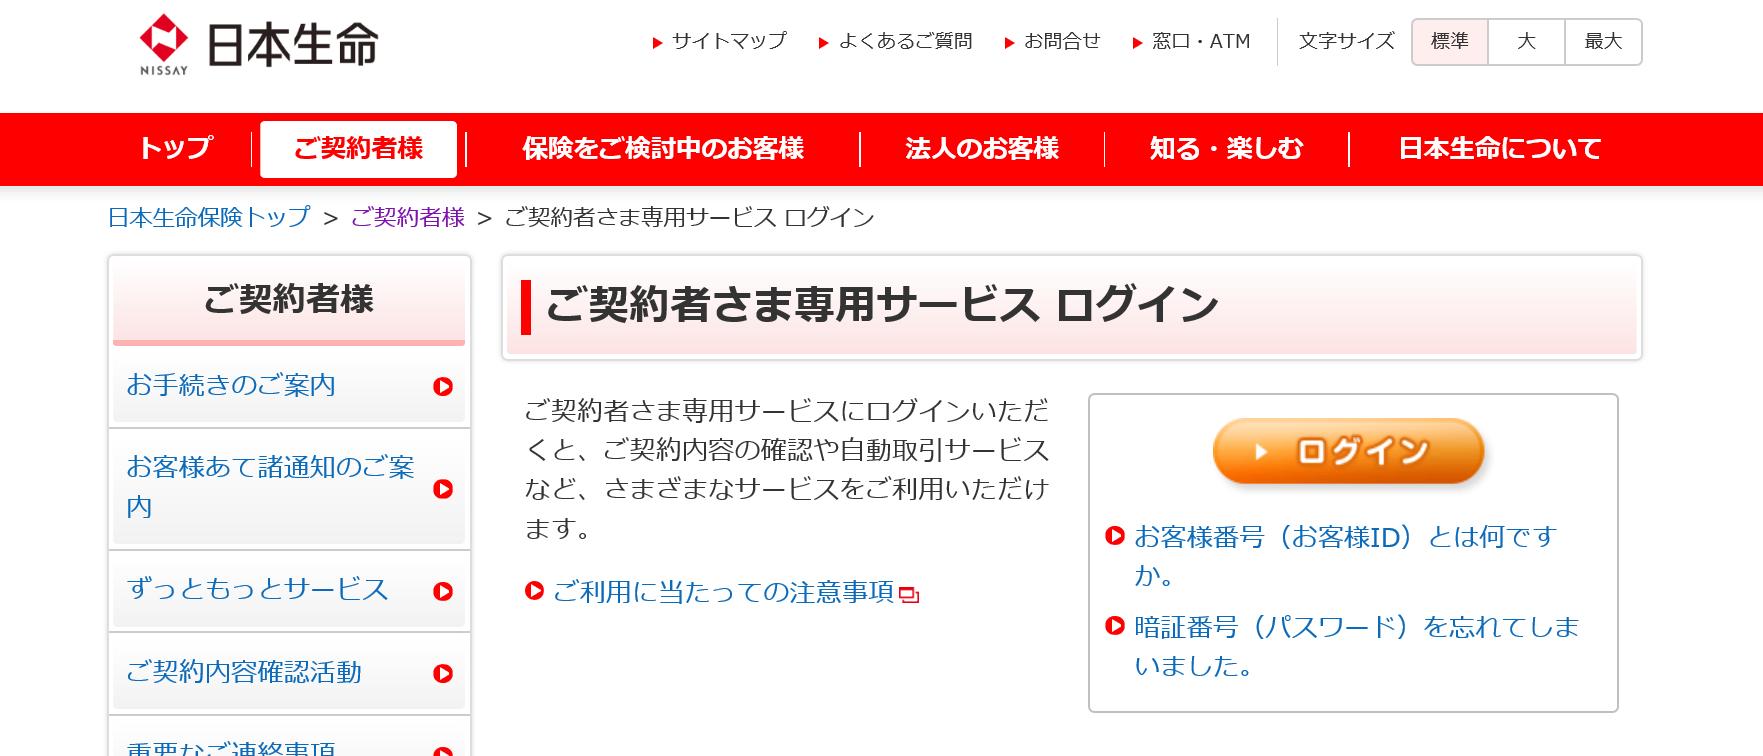 ニッセイ_ご契約者様専用サービス_ログイン